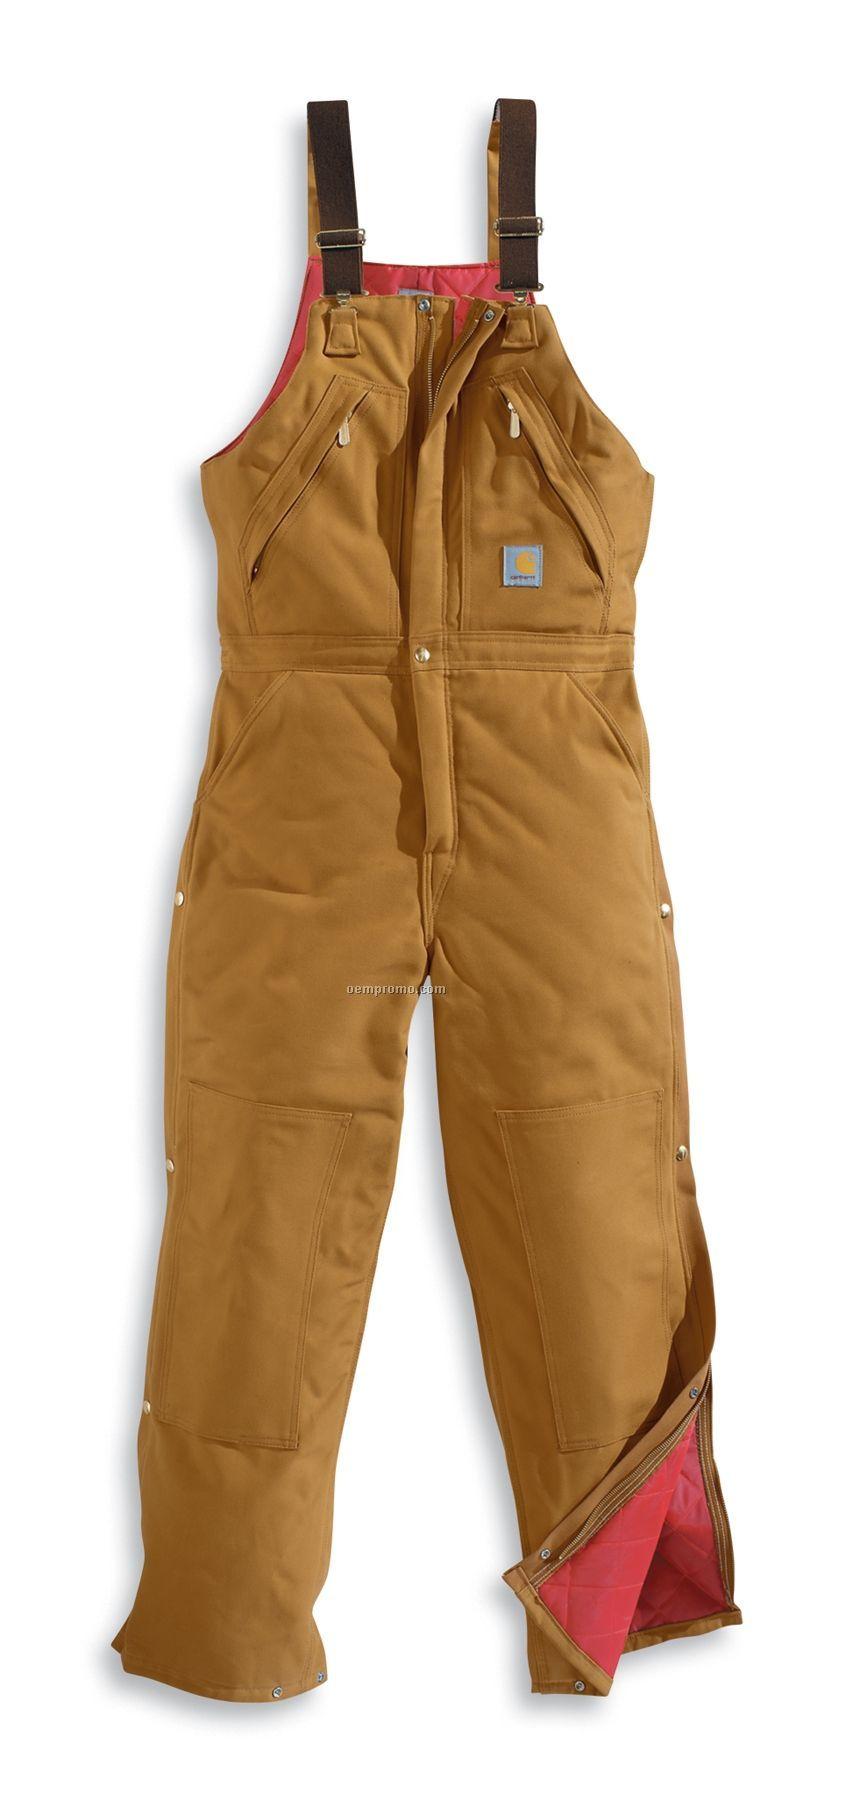 Carhartt Men's Zip-to-waist Biberall Overall/ Polyester Quilt Lined